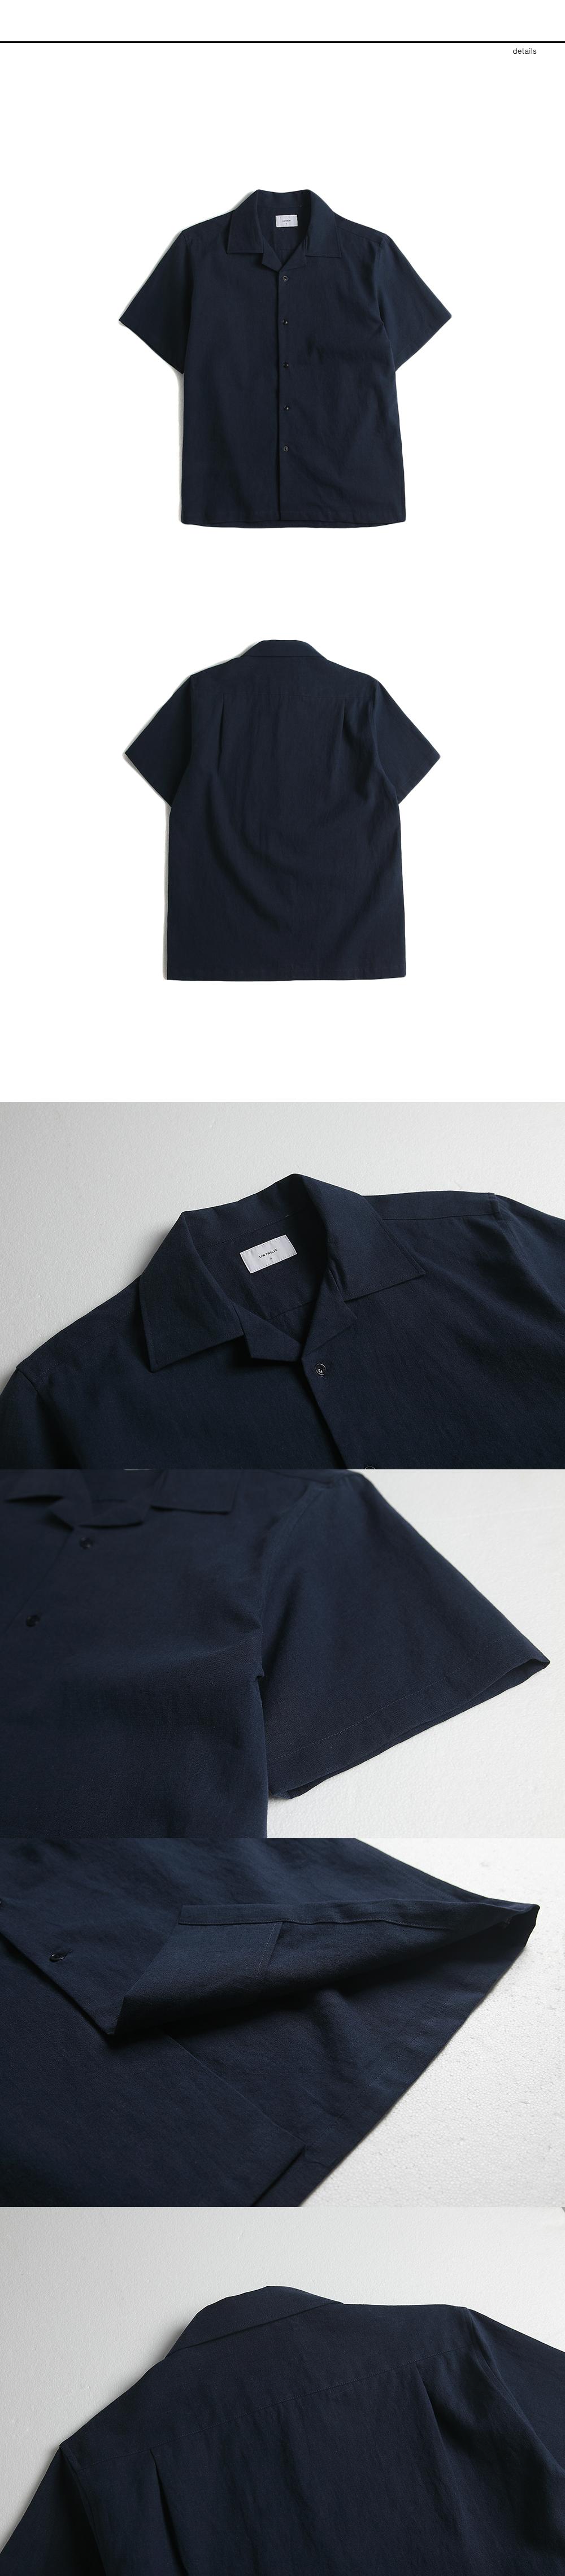 랩12(LAB12) 19S/S 린넨 캠프 셔츠 (네이비)